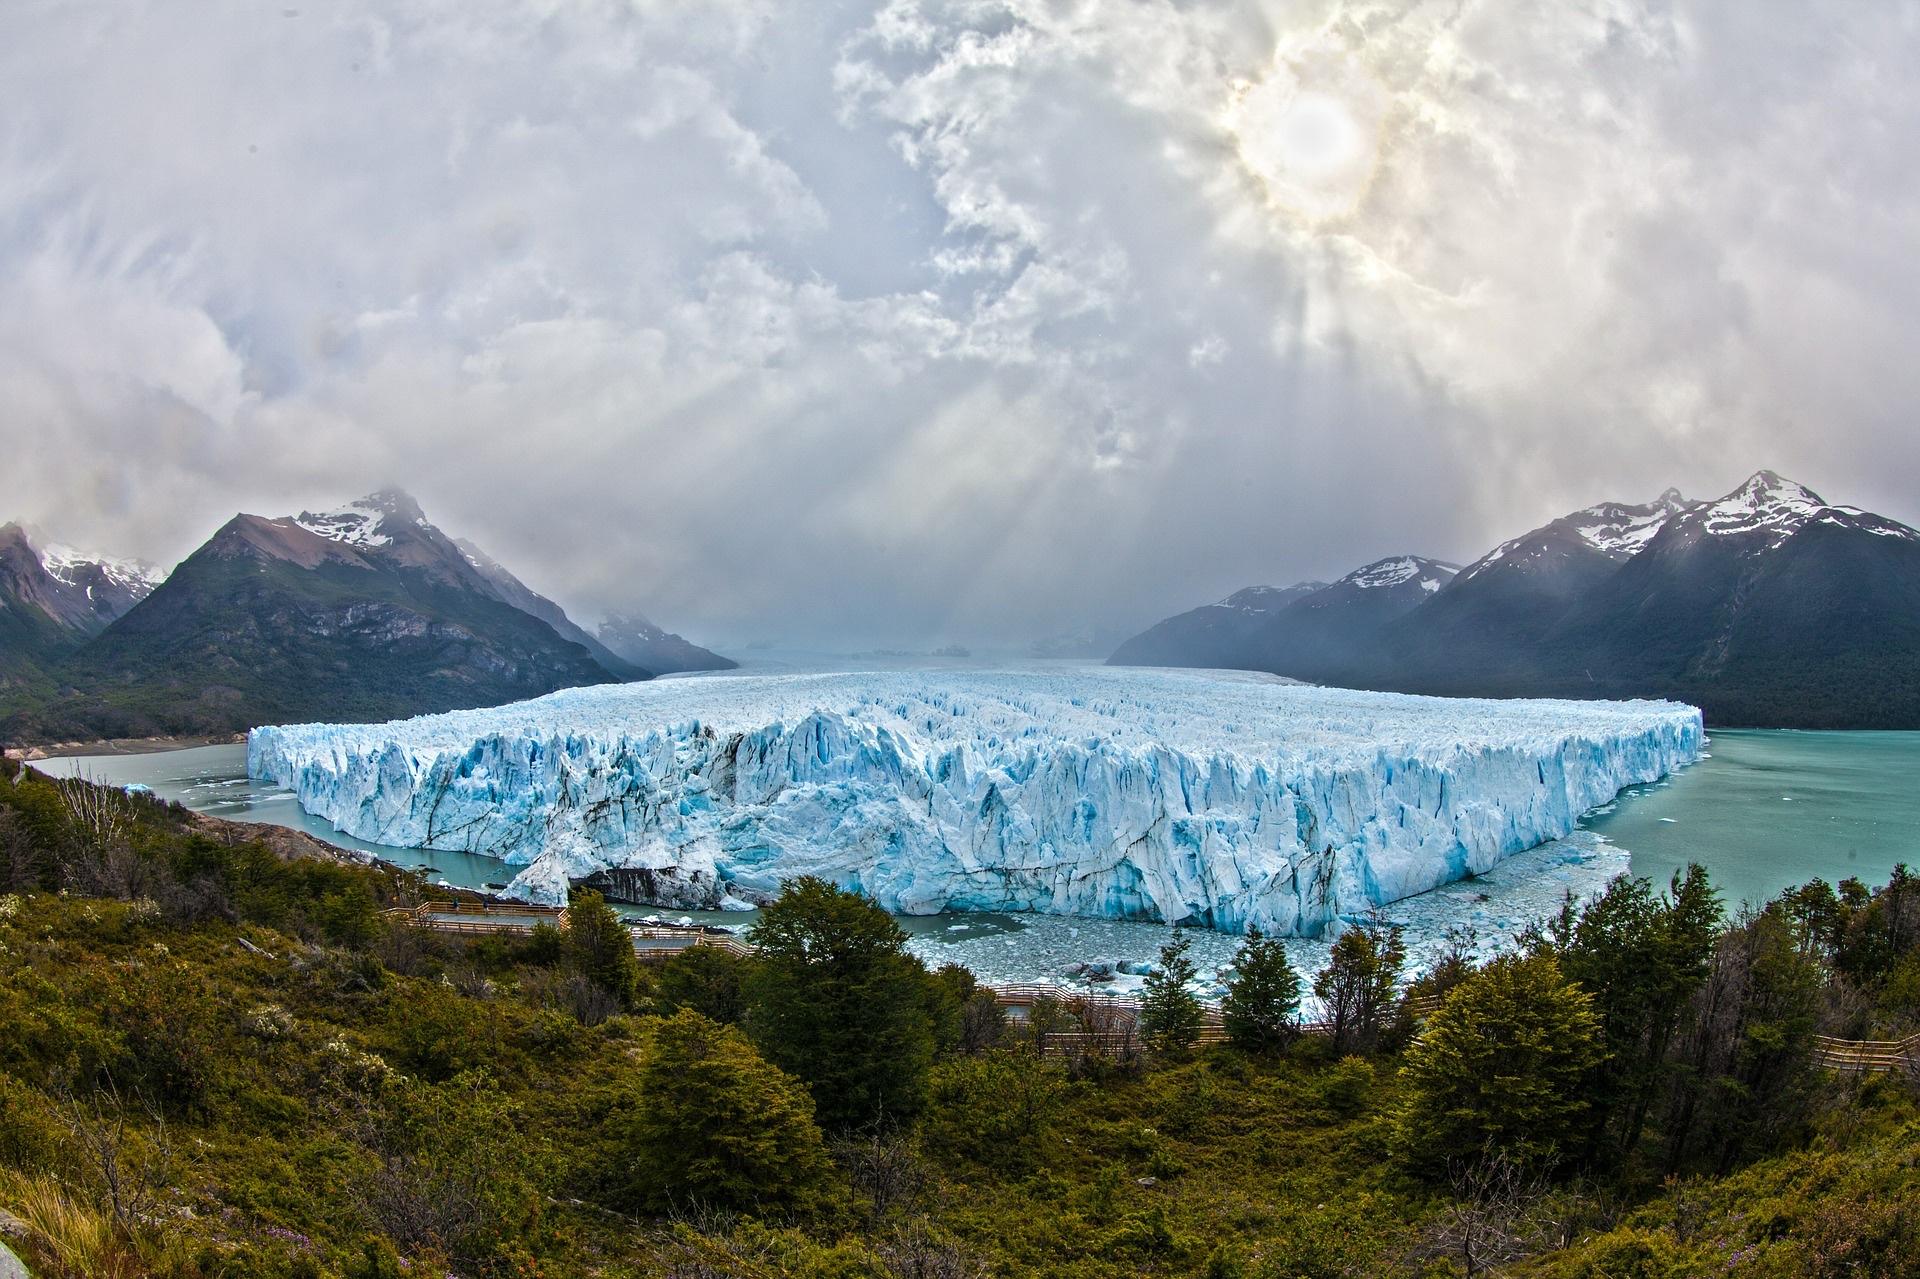 A glacier in Patagonia, Argentina | Pixabay